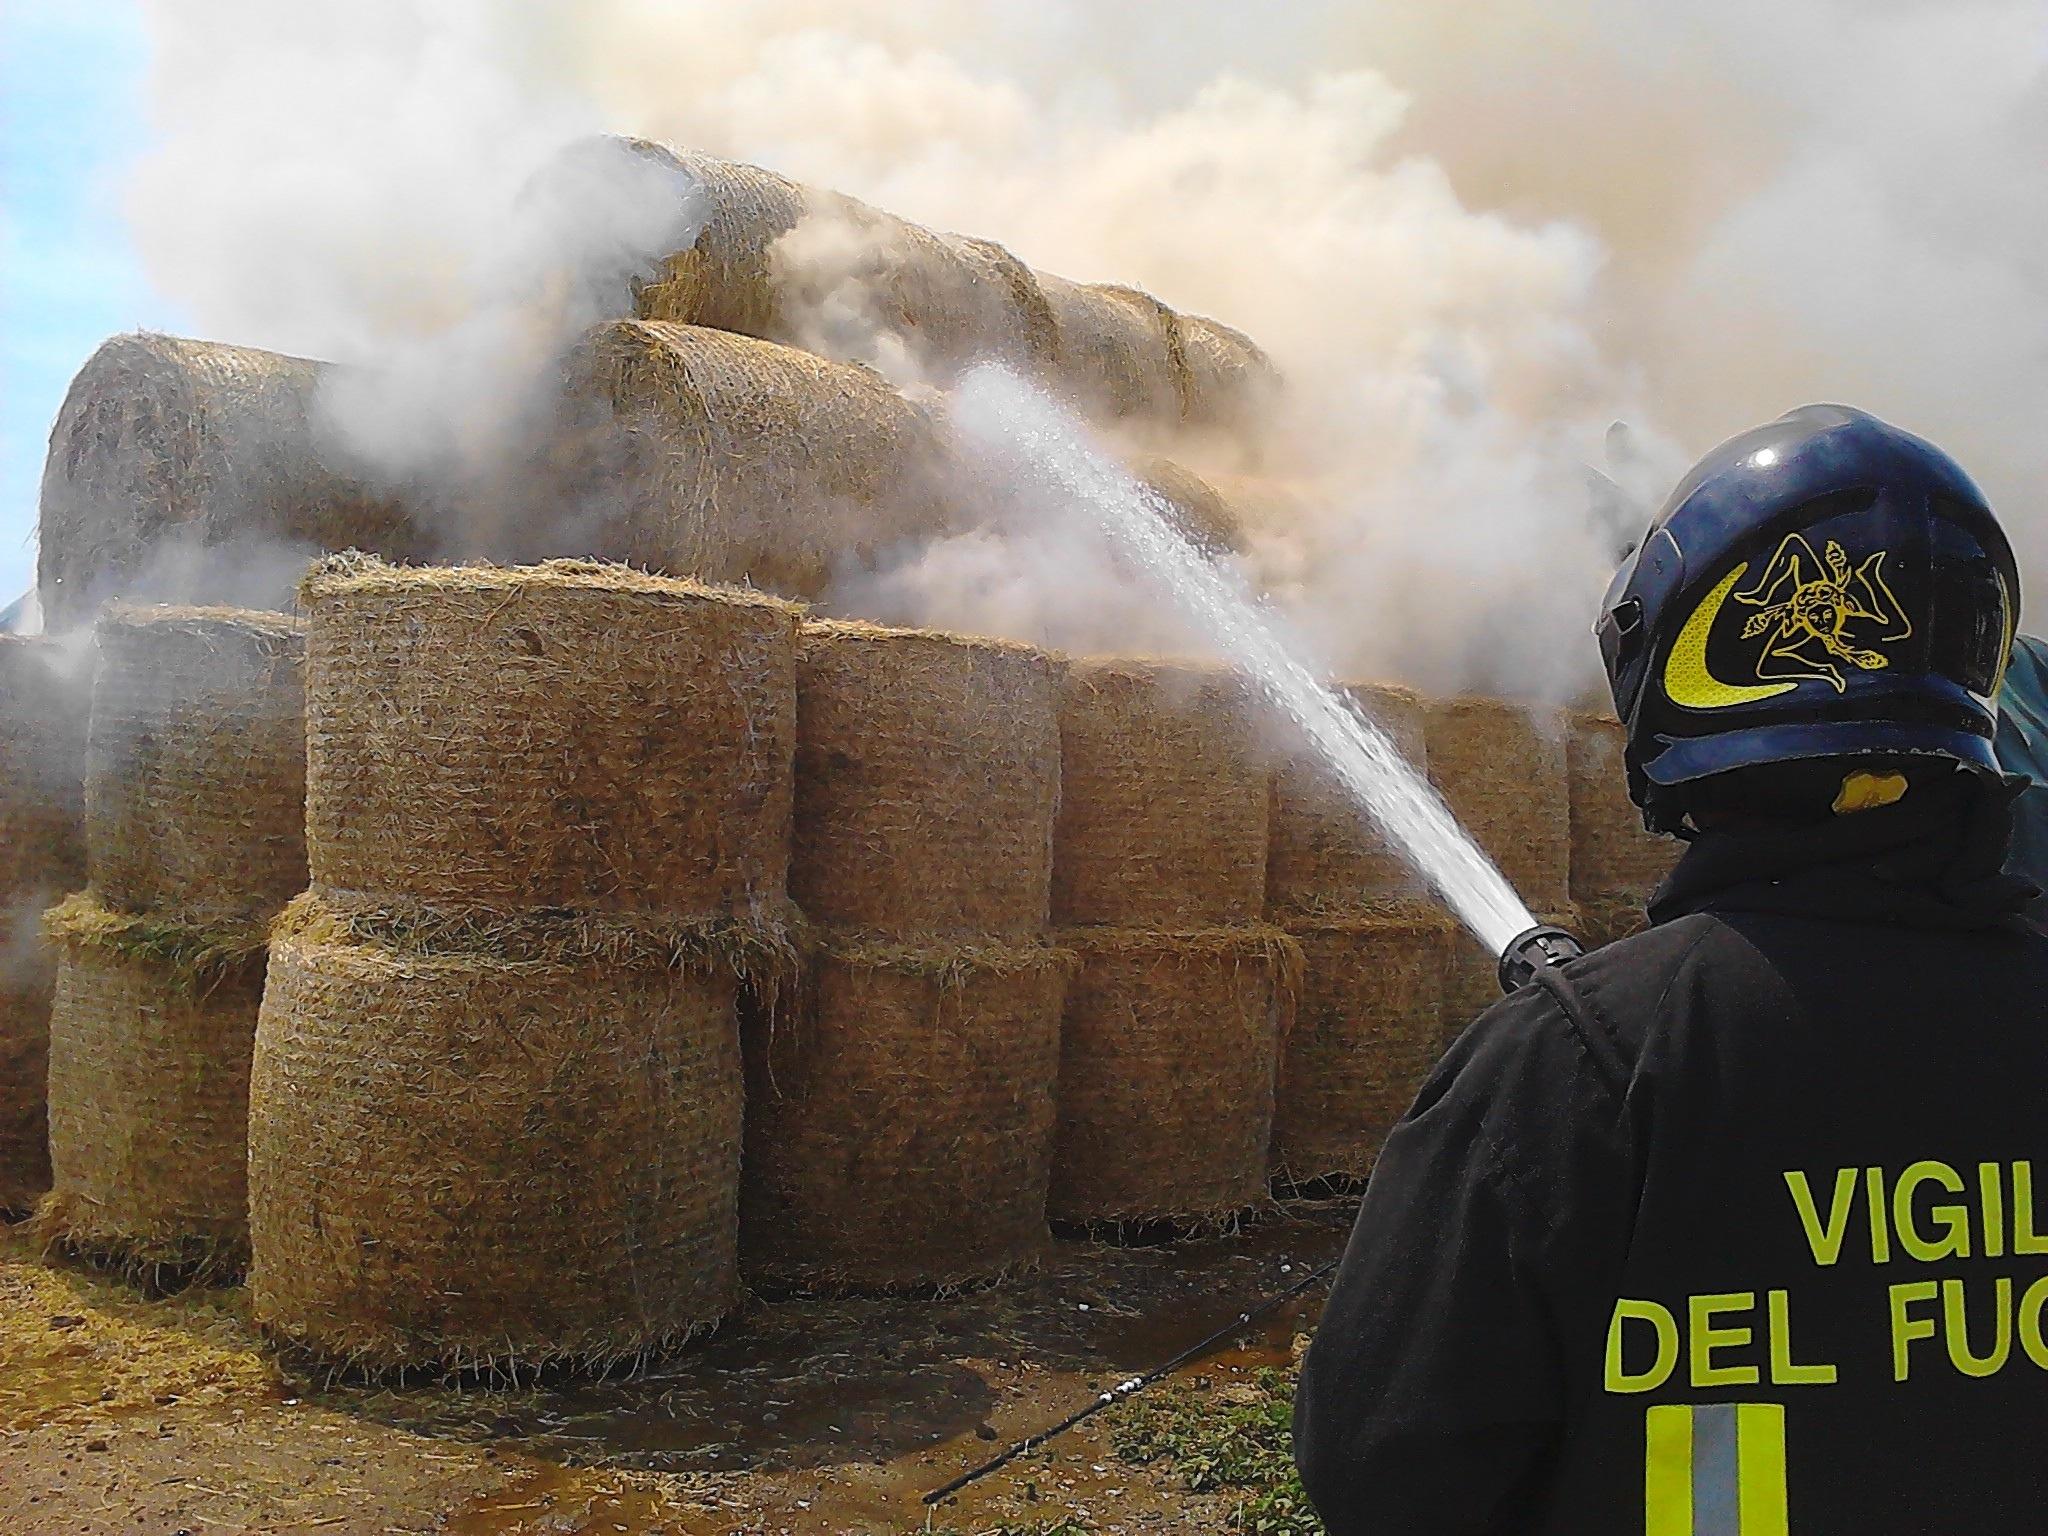 Sant'Agata de' Goti| A fuoco rotoballe in un capannone